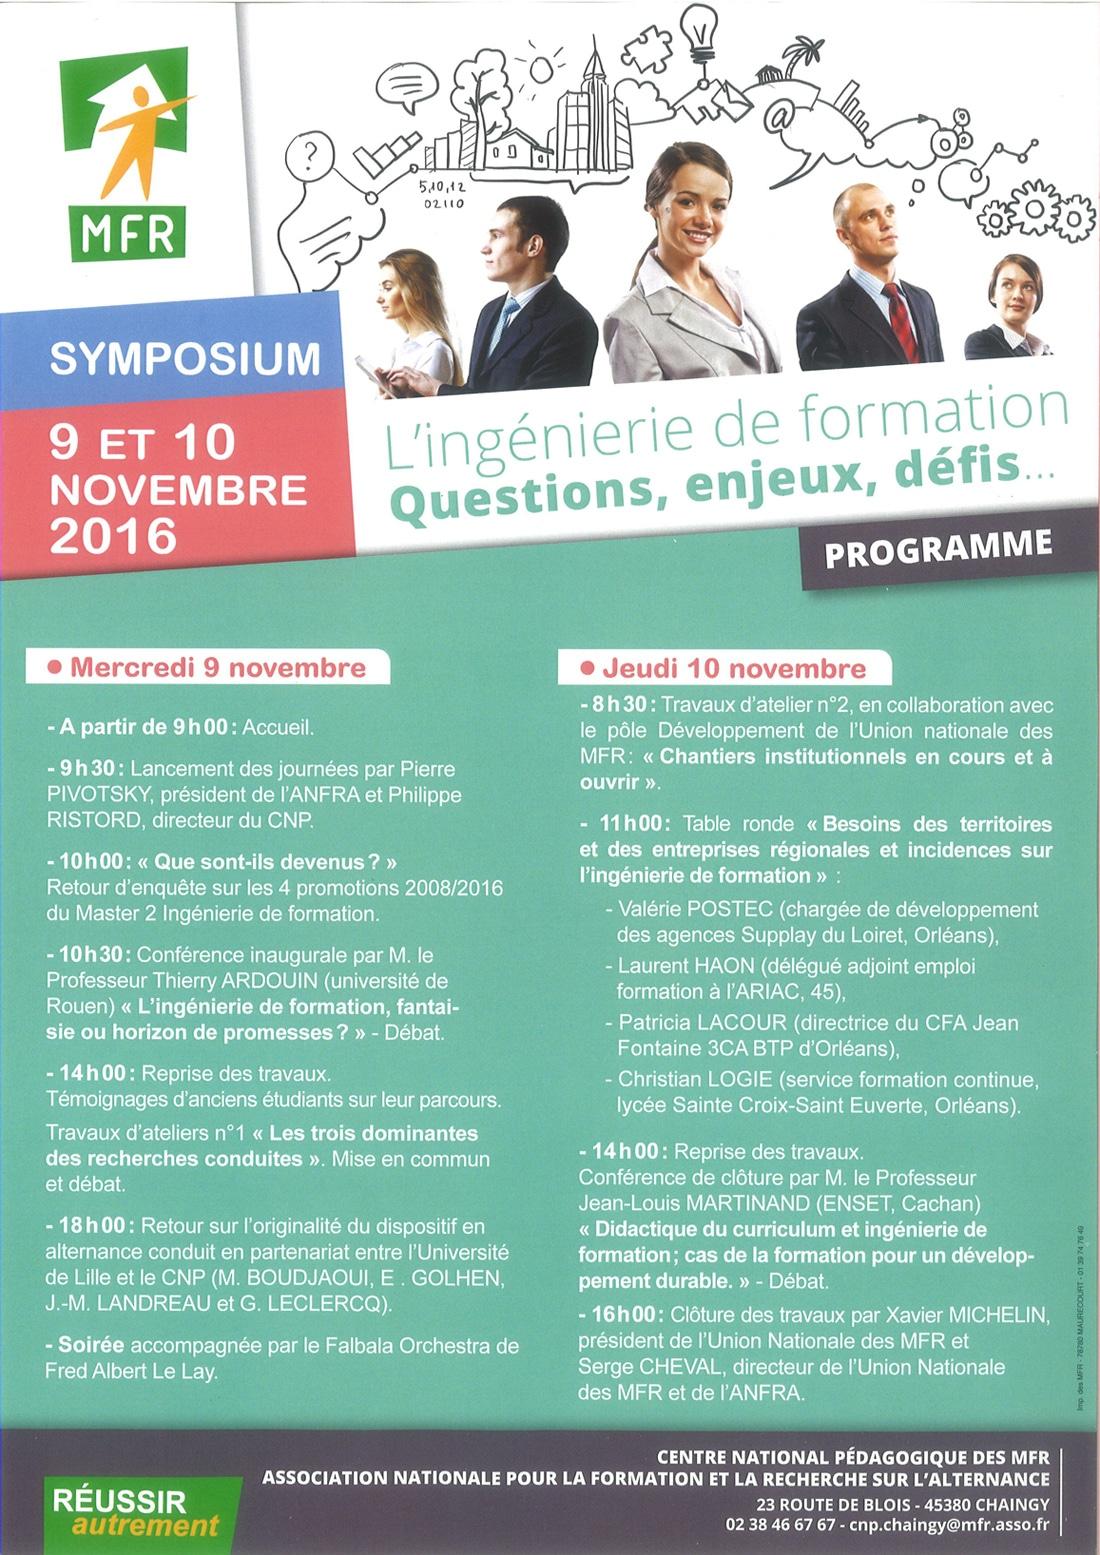 mfr_symposium_programme